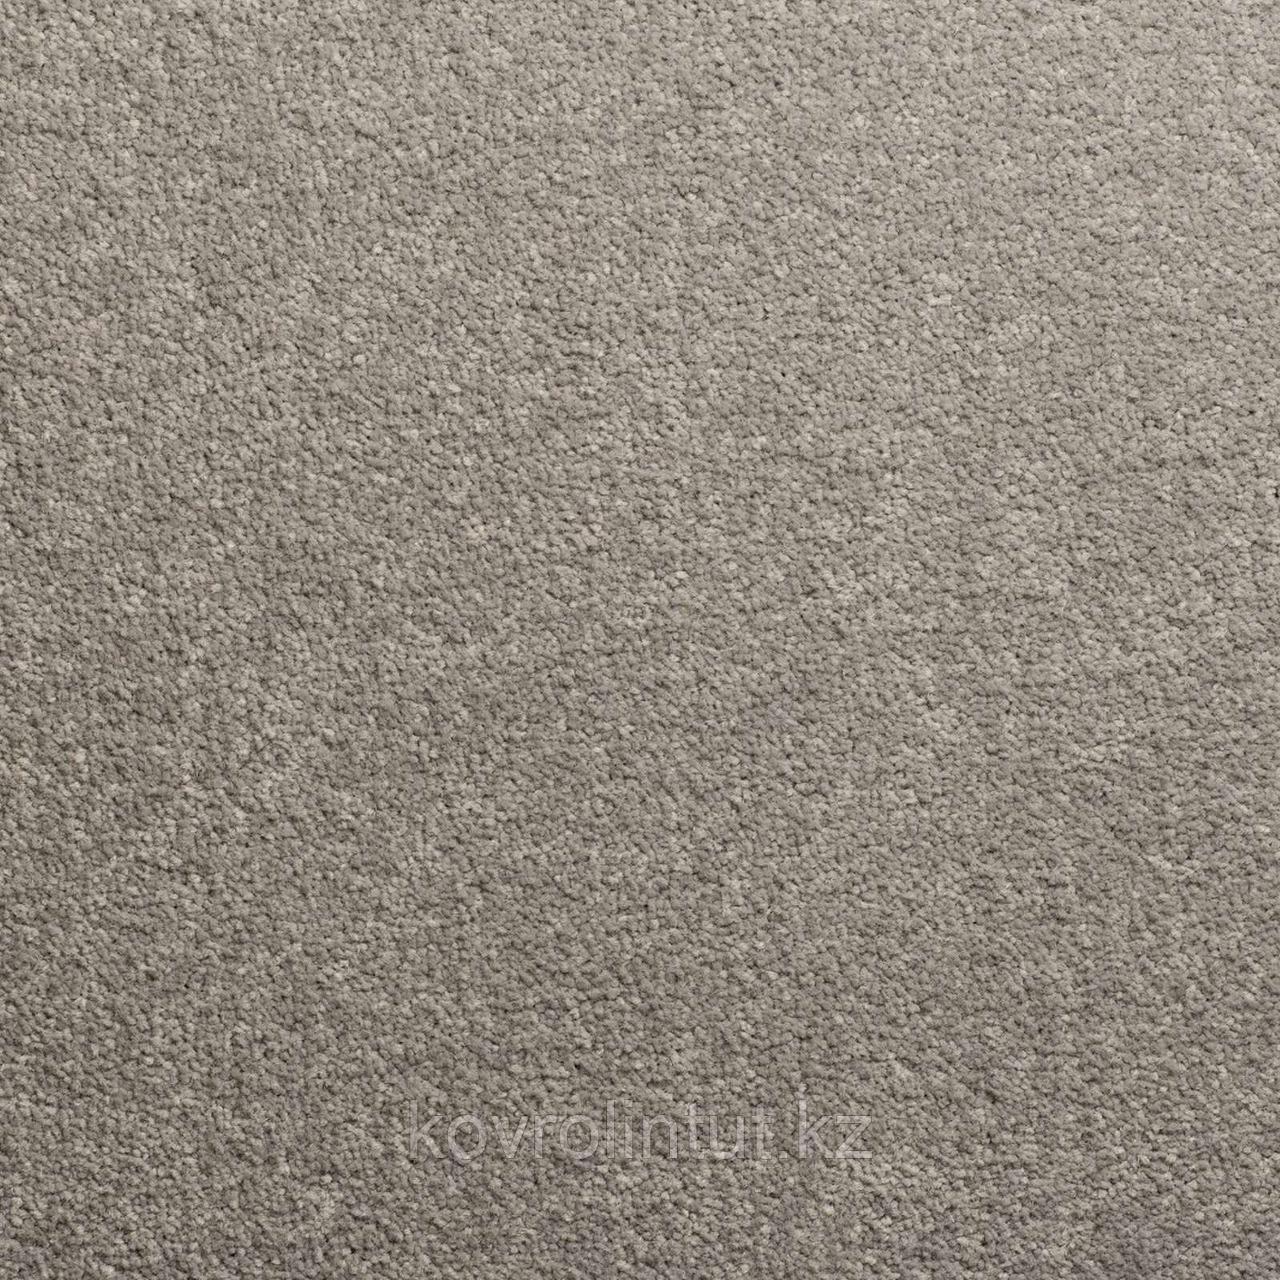 Ковровое покрытие Condor IMPERIAL 76 серый 4 м